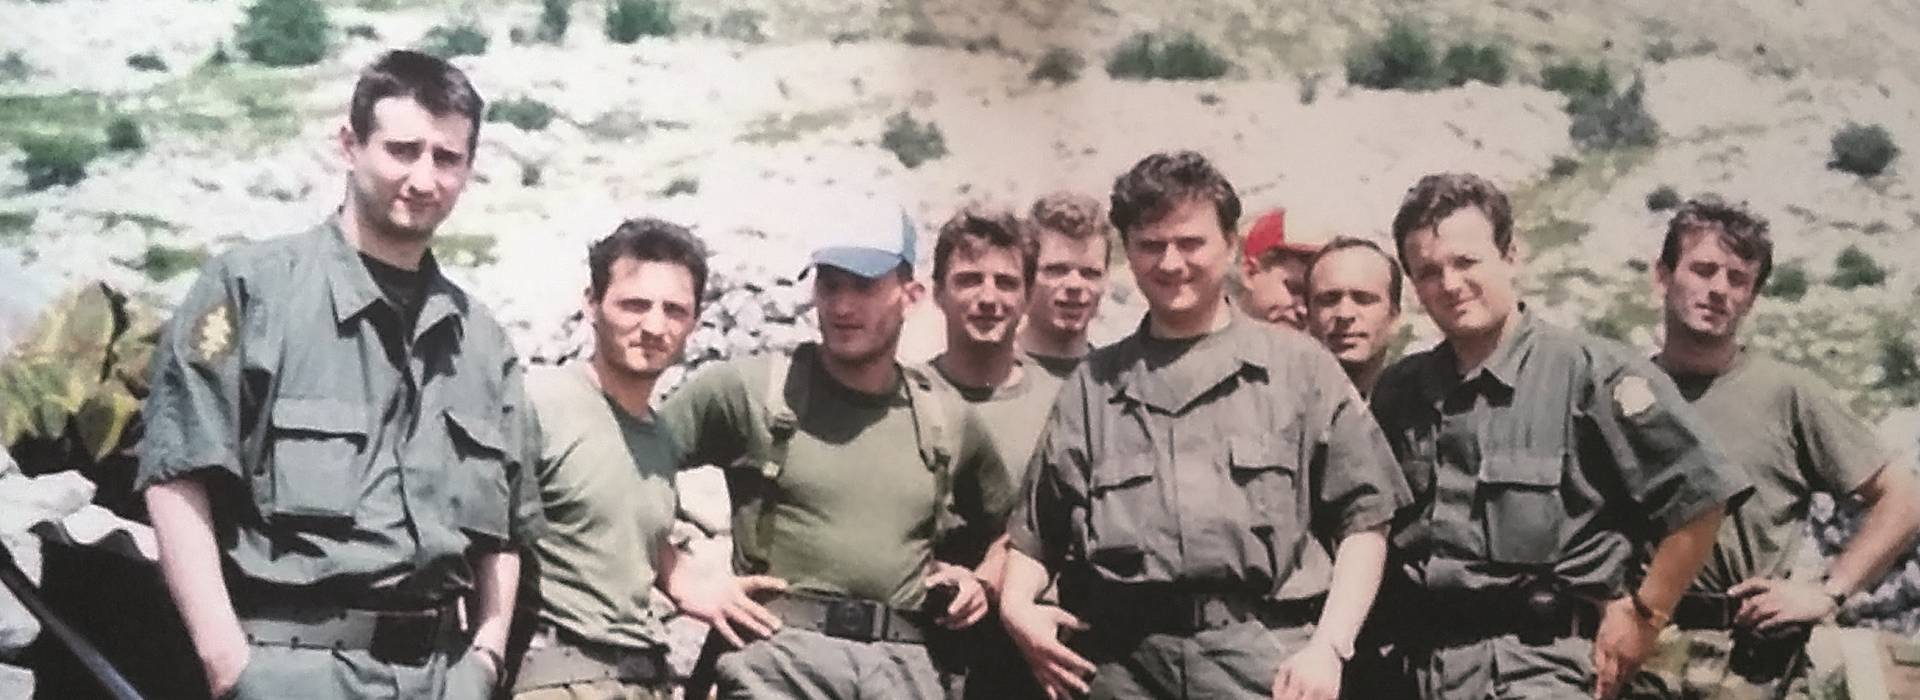 PROČITAJTE U NACIONALU: RATNI PUT I BRANITELJSKI STAŽ PREDSJEDNIKA HDZ-a Karamarkov ratni put započeo je 27. svibnja 1993.